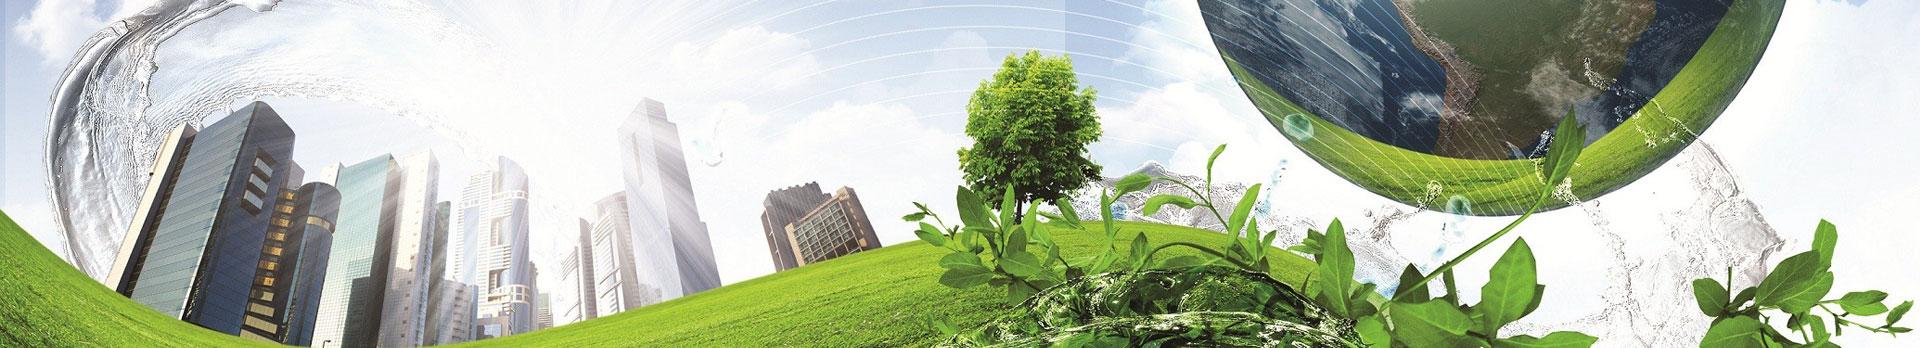 cdm_environment_banner